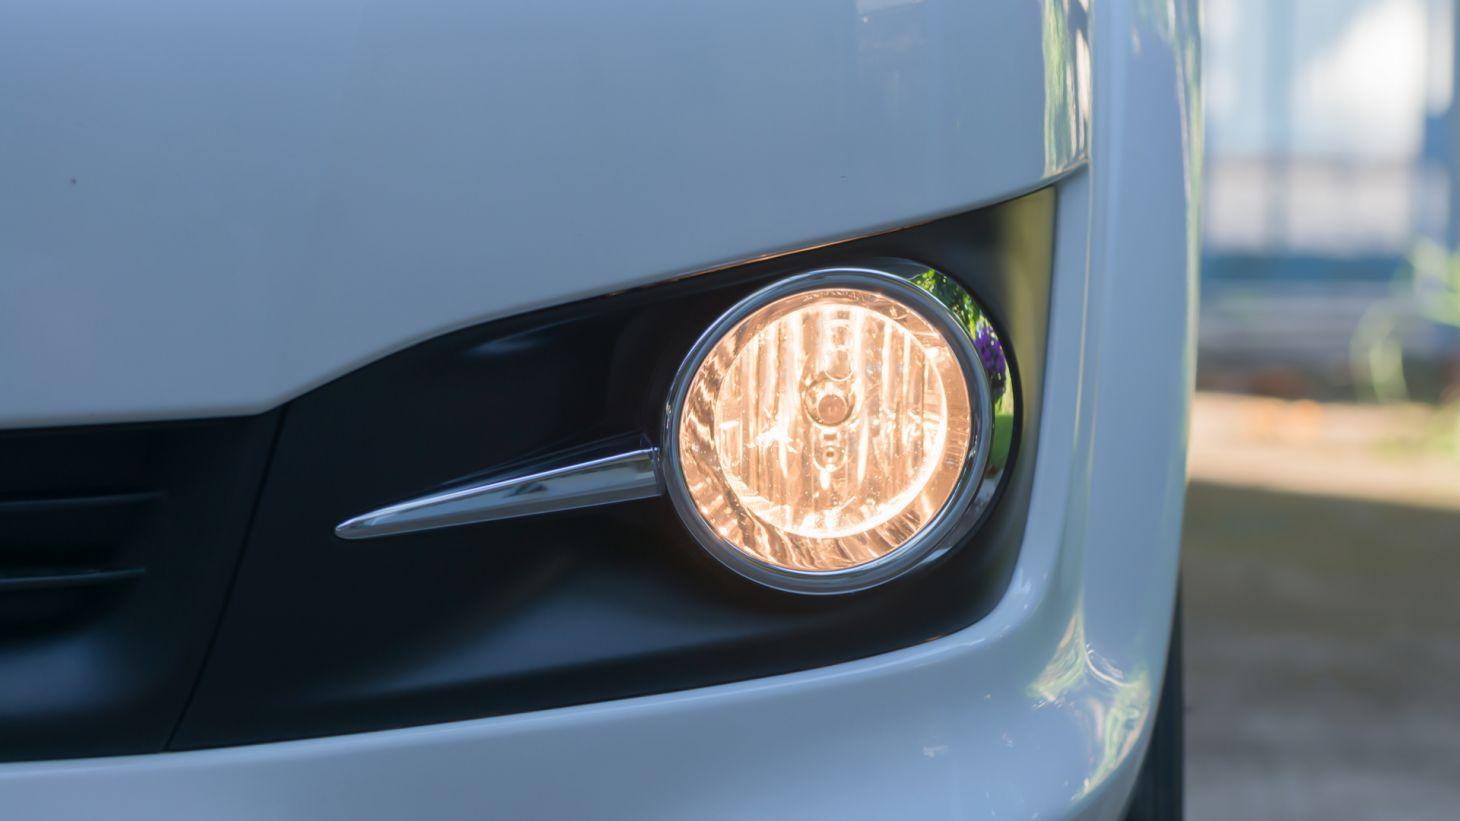 farol de milha neblina aceso parachoque carro automovel luzes especiais